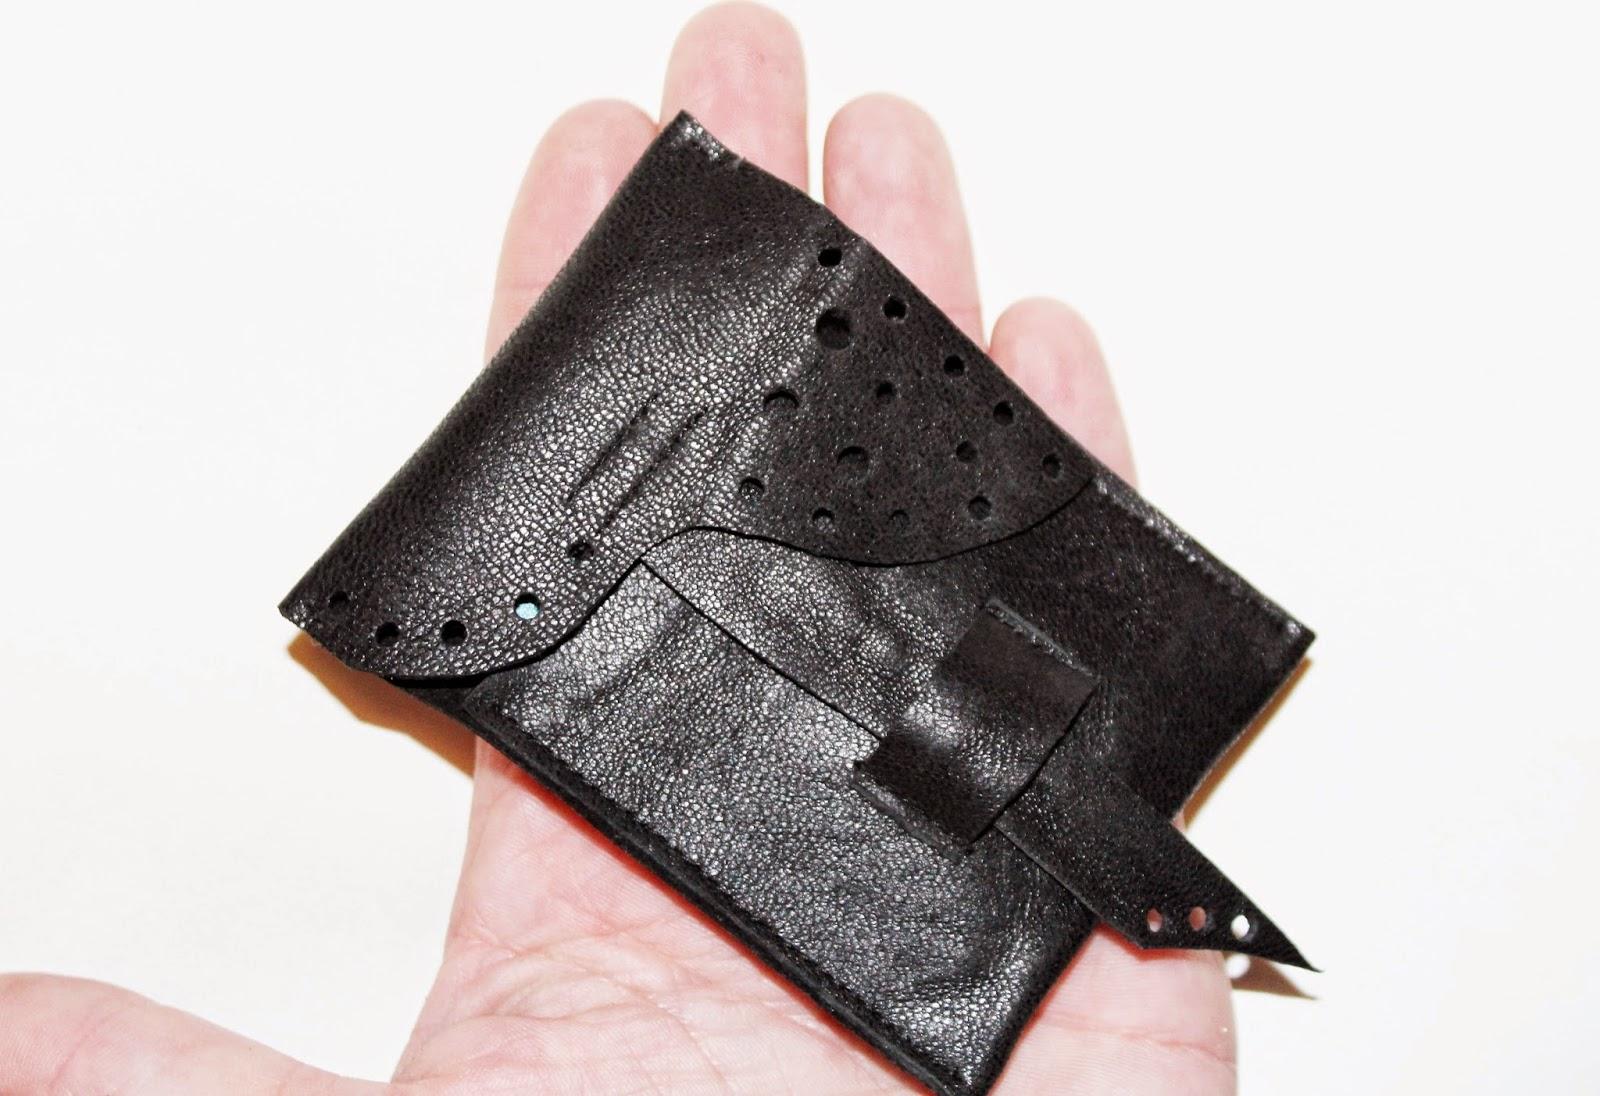 łapówka, jak dać łapówkę, pieniądze w białej kopercie,DIY zrób to sam, portfel krok po kroku, jak uszyc portfel, w czym dac pieniądze, prezent ślubny, co na prezent dla pary młodej